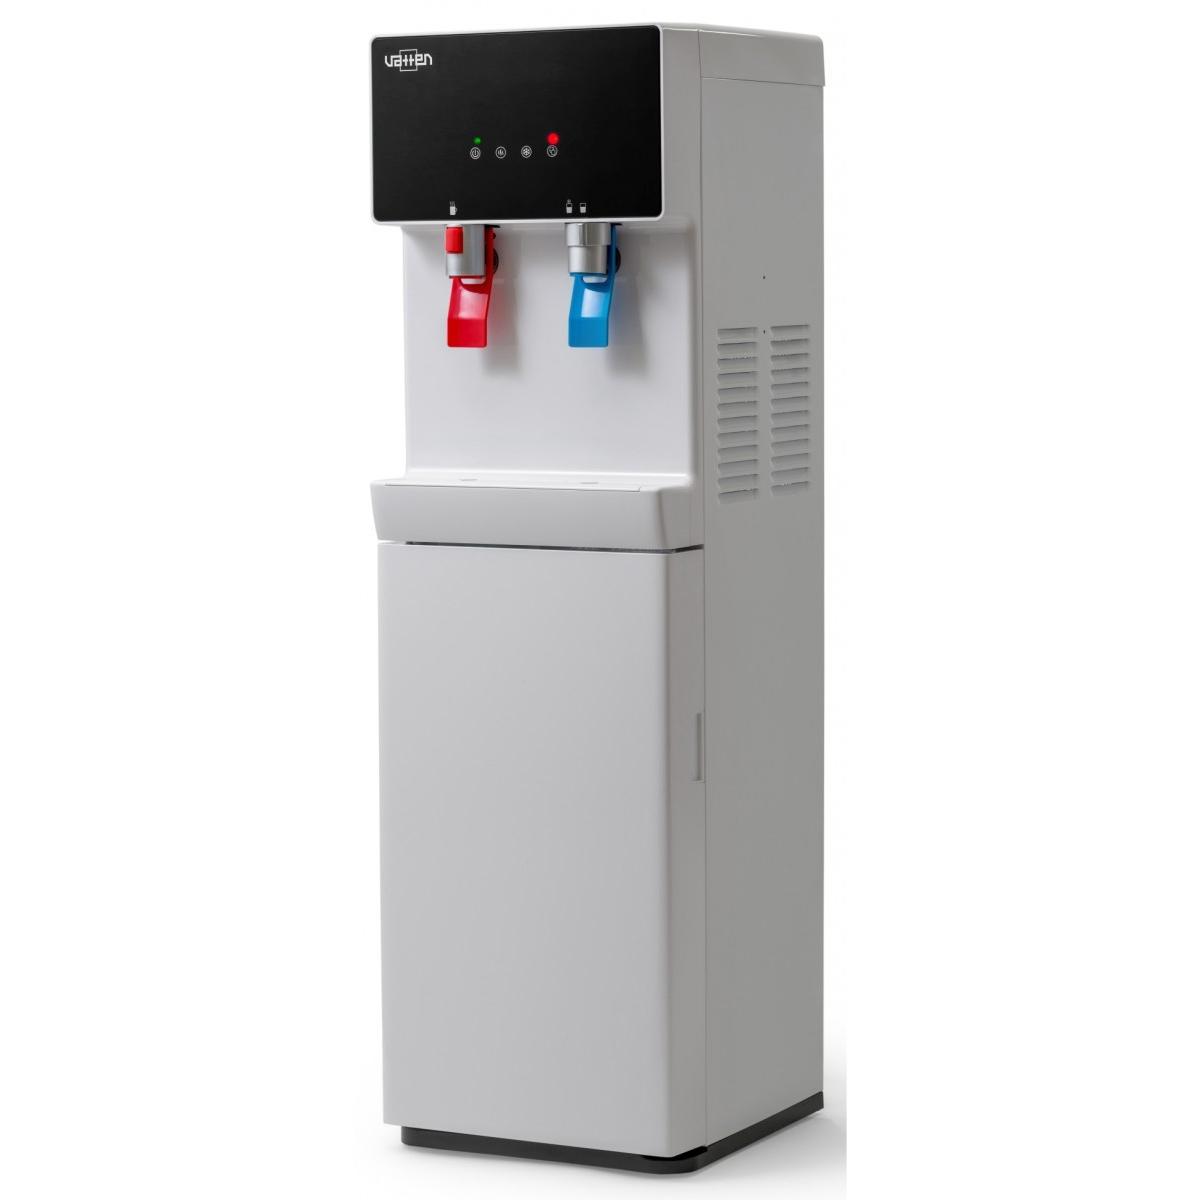 Водоочиститель-корректор  Водный Доктор ВД-ТМ 205 Люкс WF в Пурифайере VATTEN